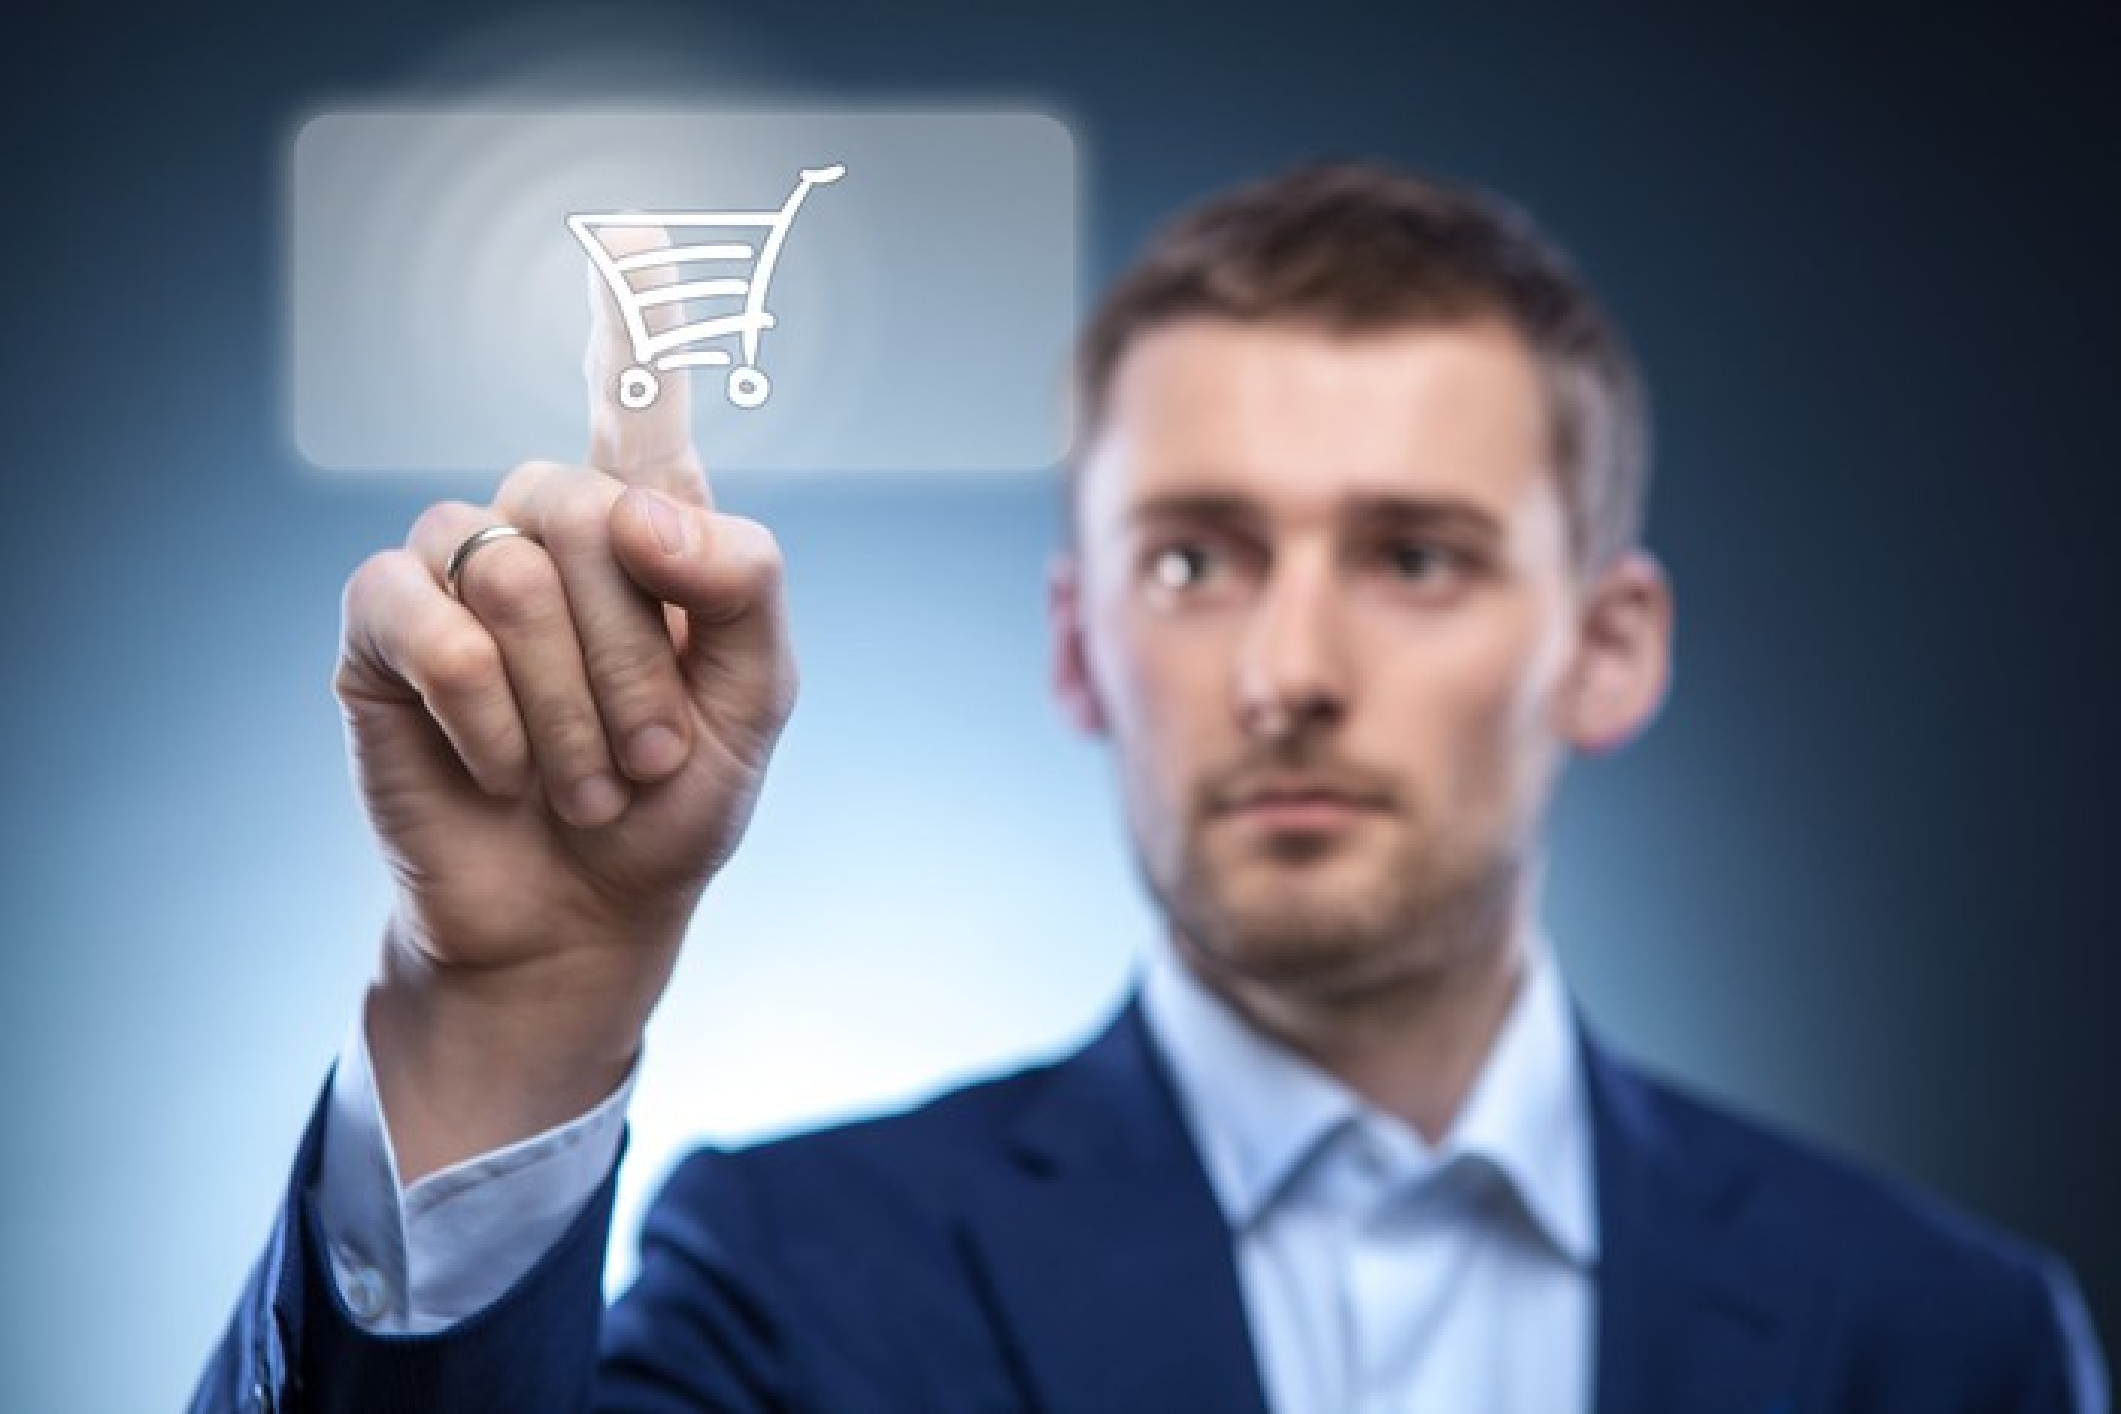 Man touching shopping cart button